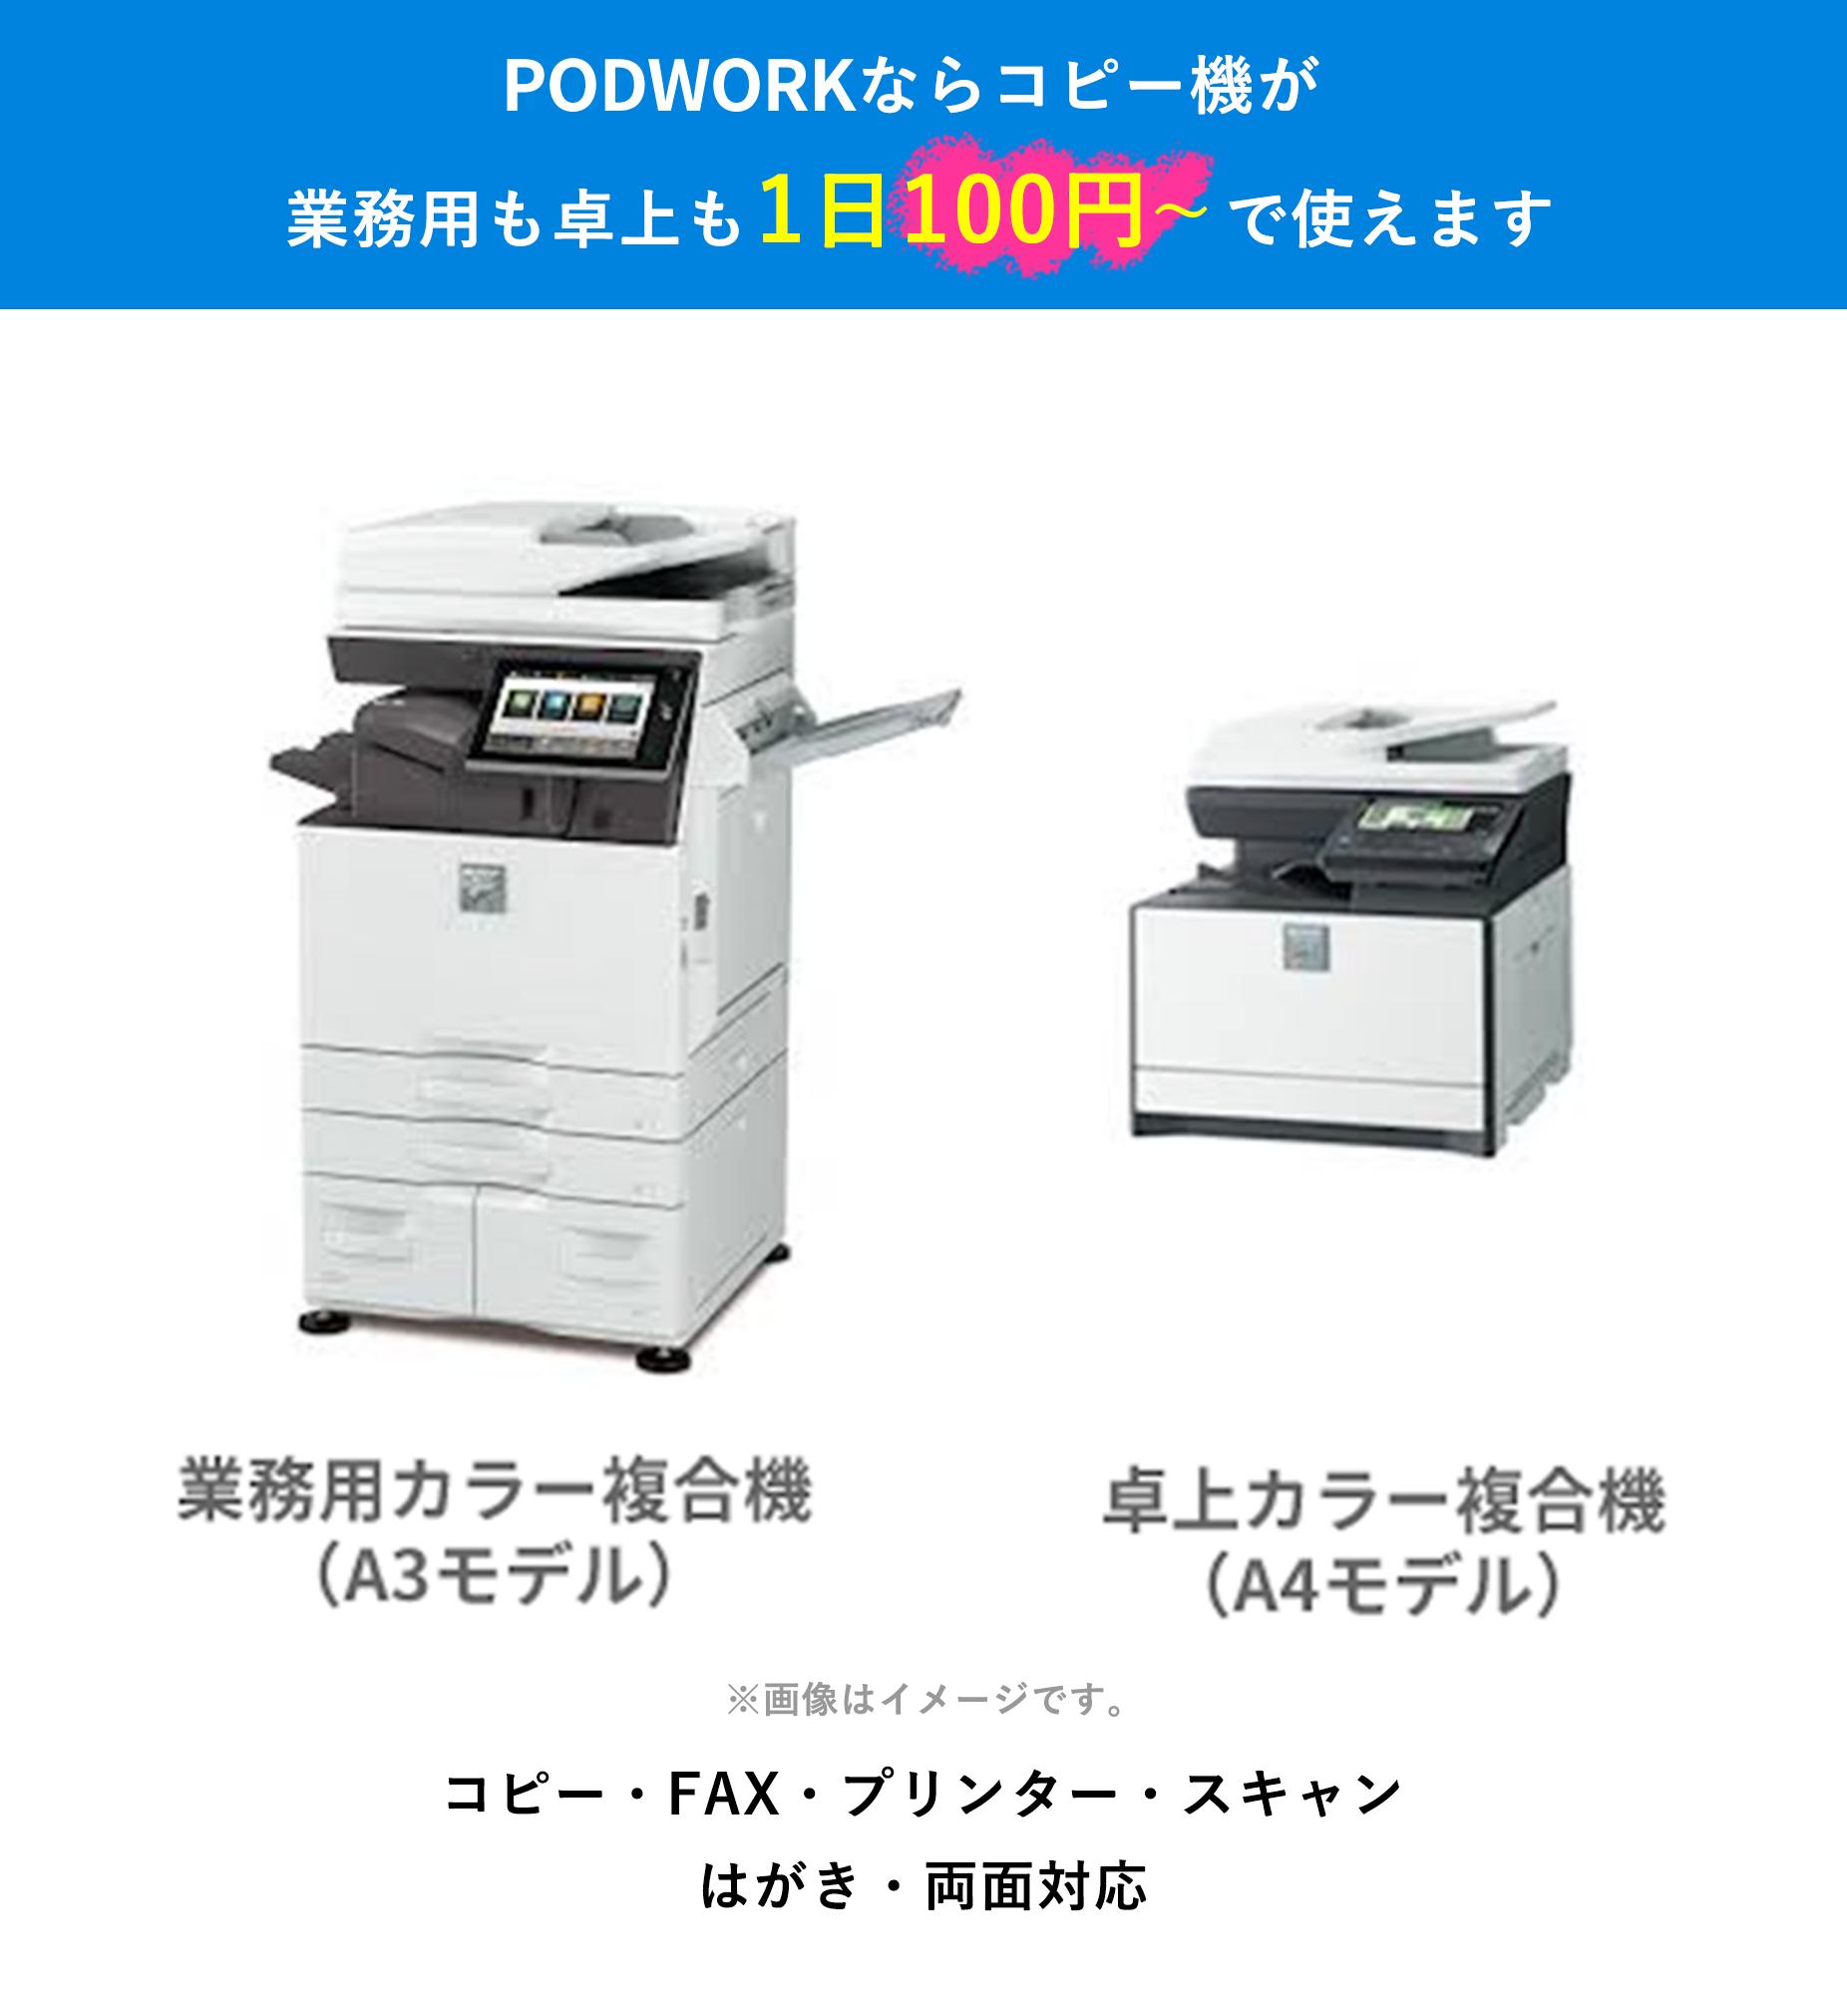 PODWORKならコピー機が業務用も卓上も100円で使えます